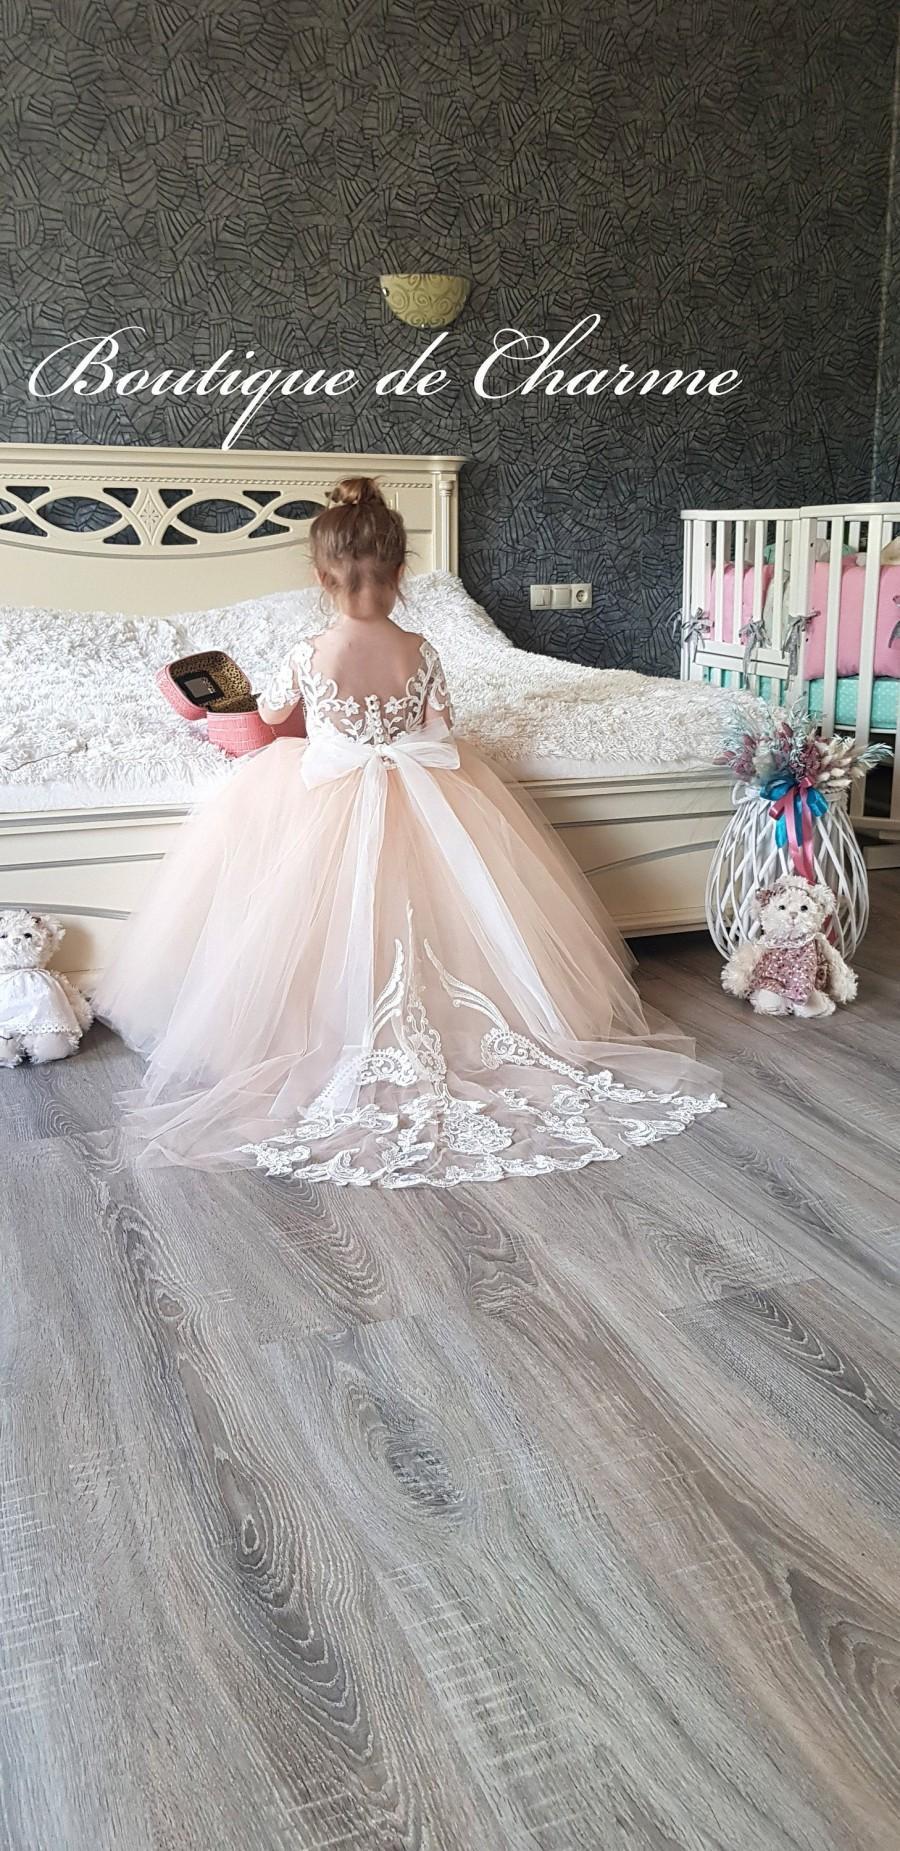 Wedding - Lace flower girl dress,Tulle girl dress,Wedding girl dress,Junior bridesmaid dress,Communion dress,Sleeve flower girl dress,White girl dress